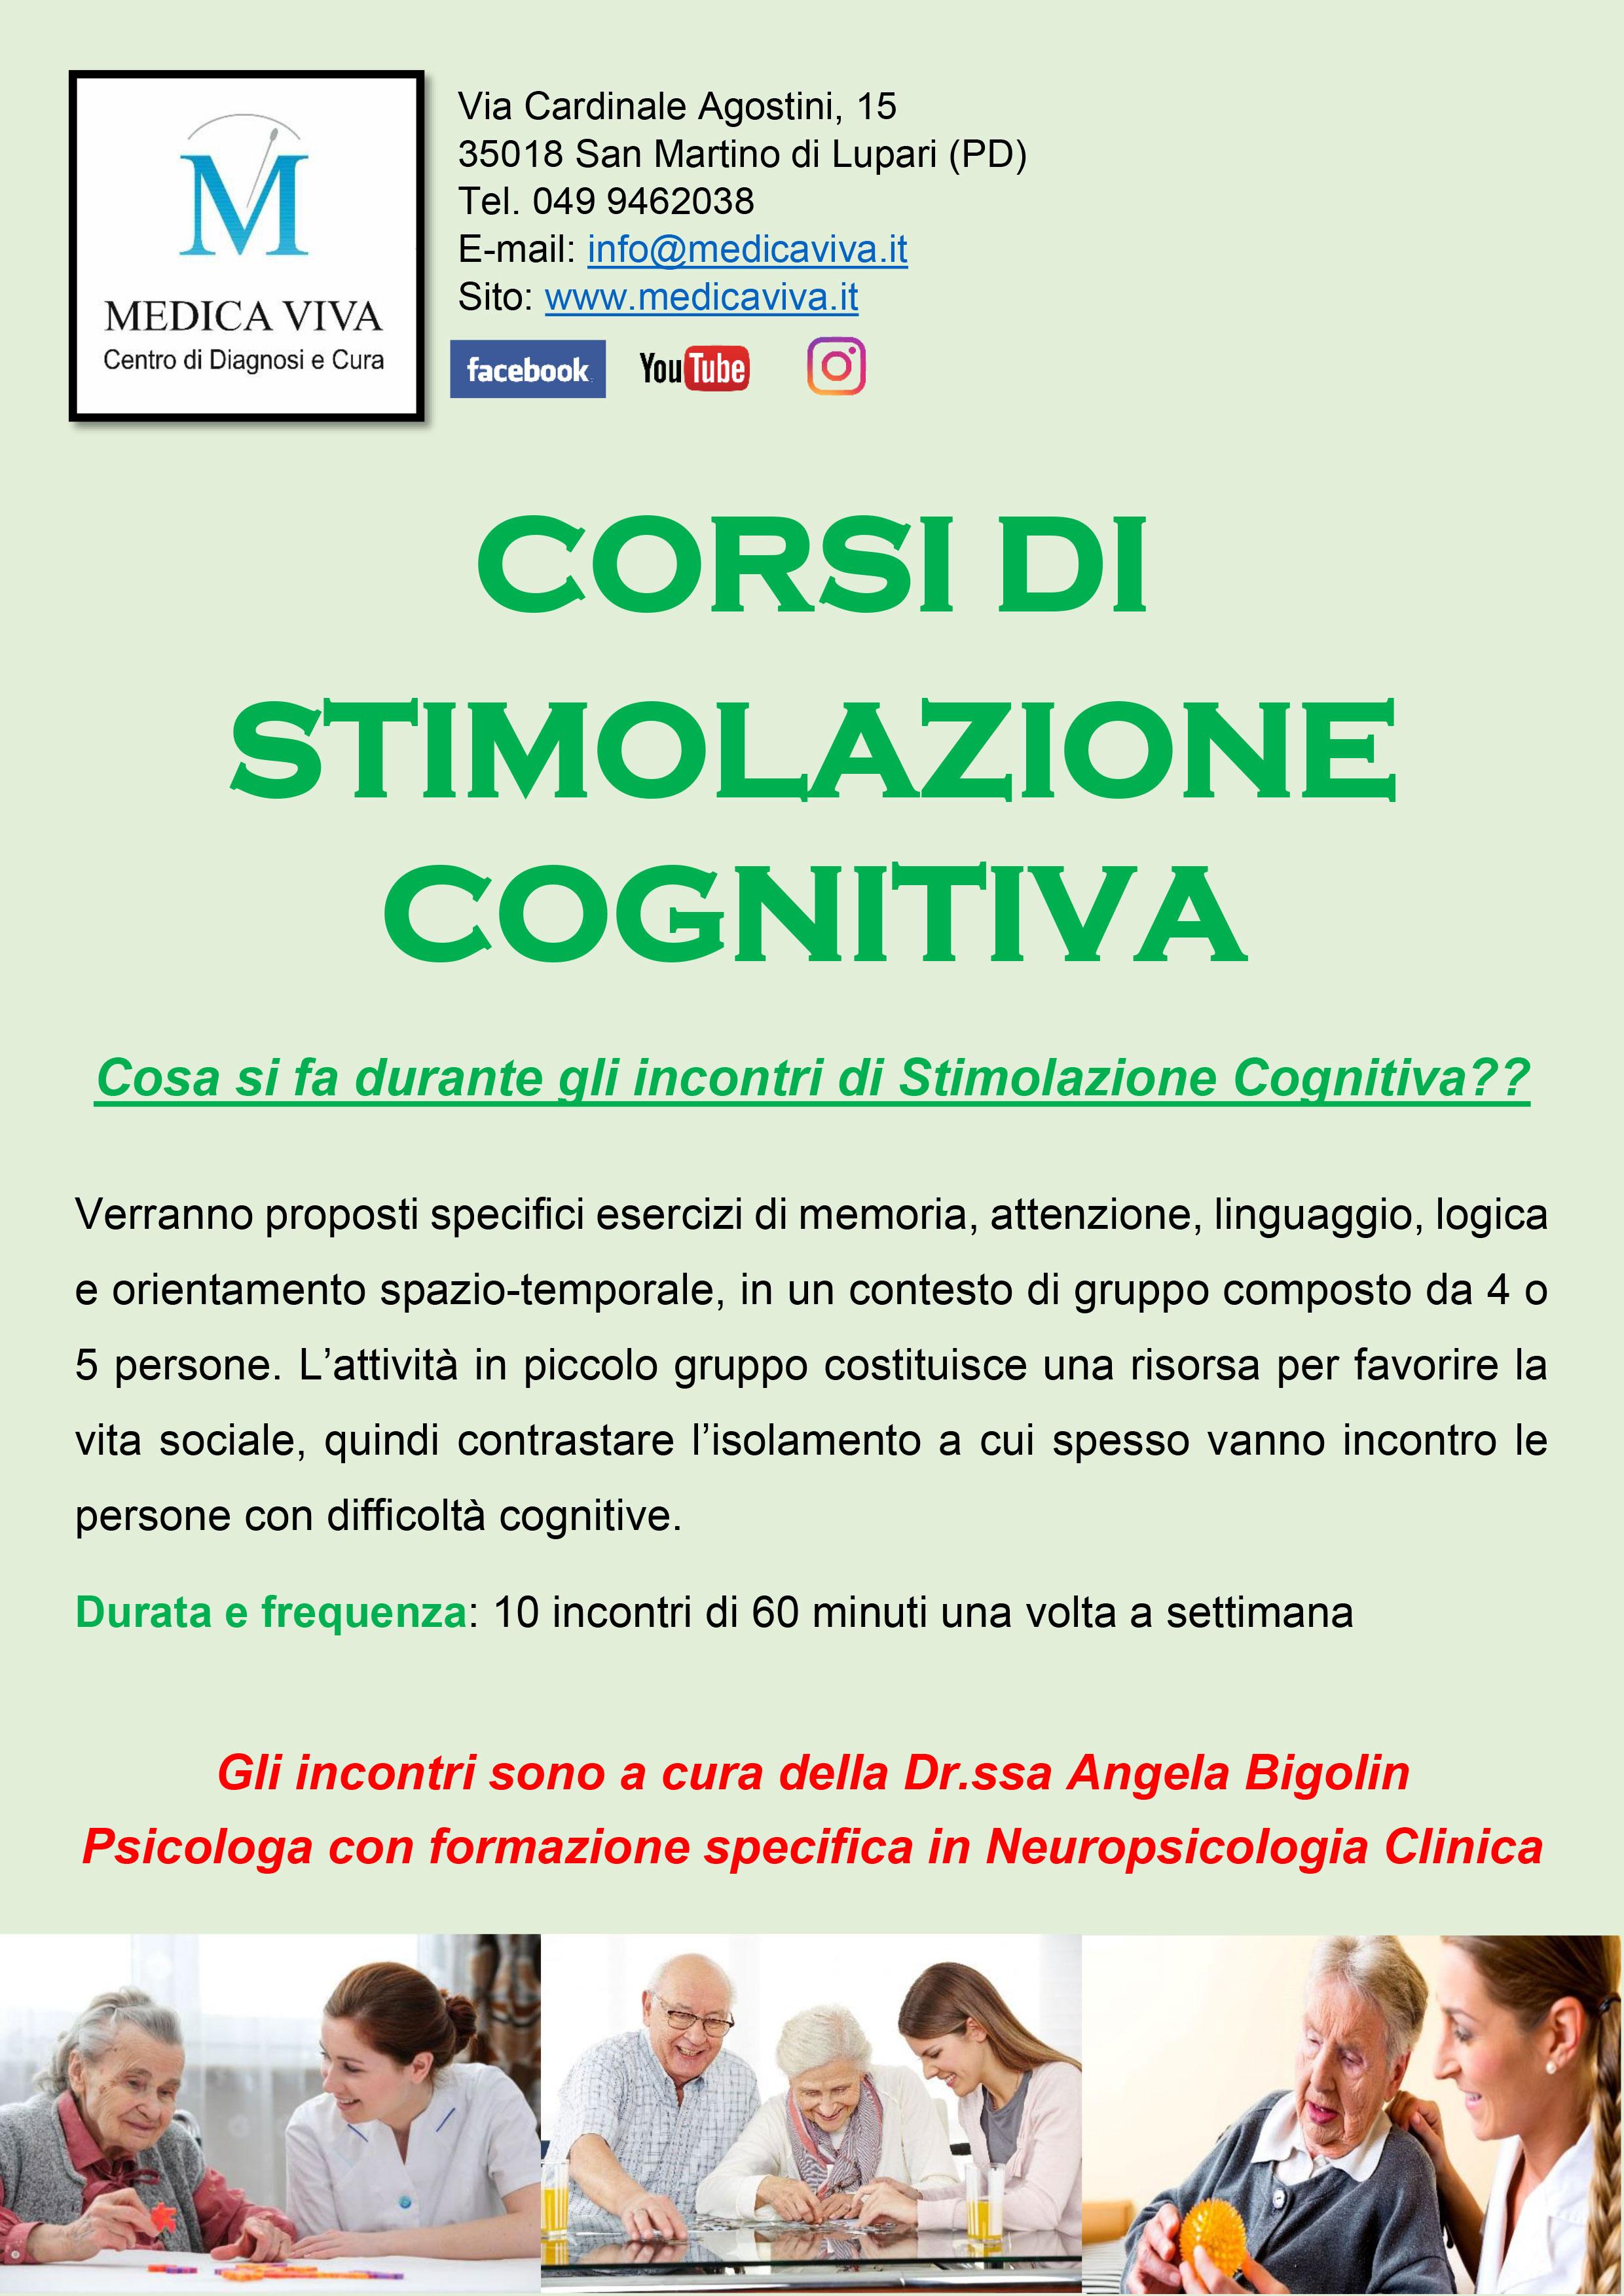 corso stimolazione cognitiva